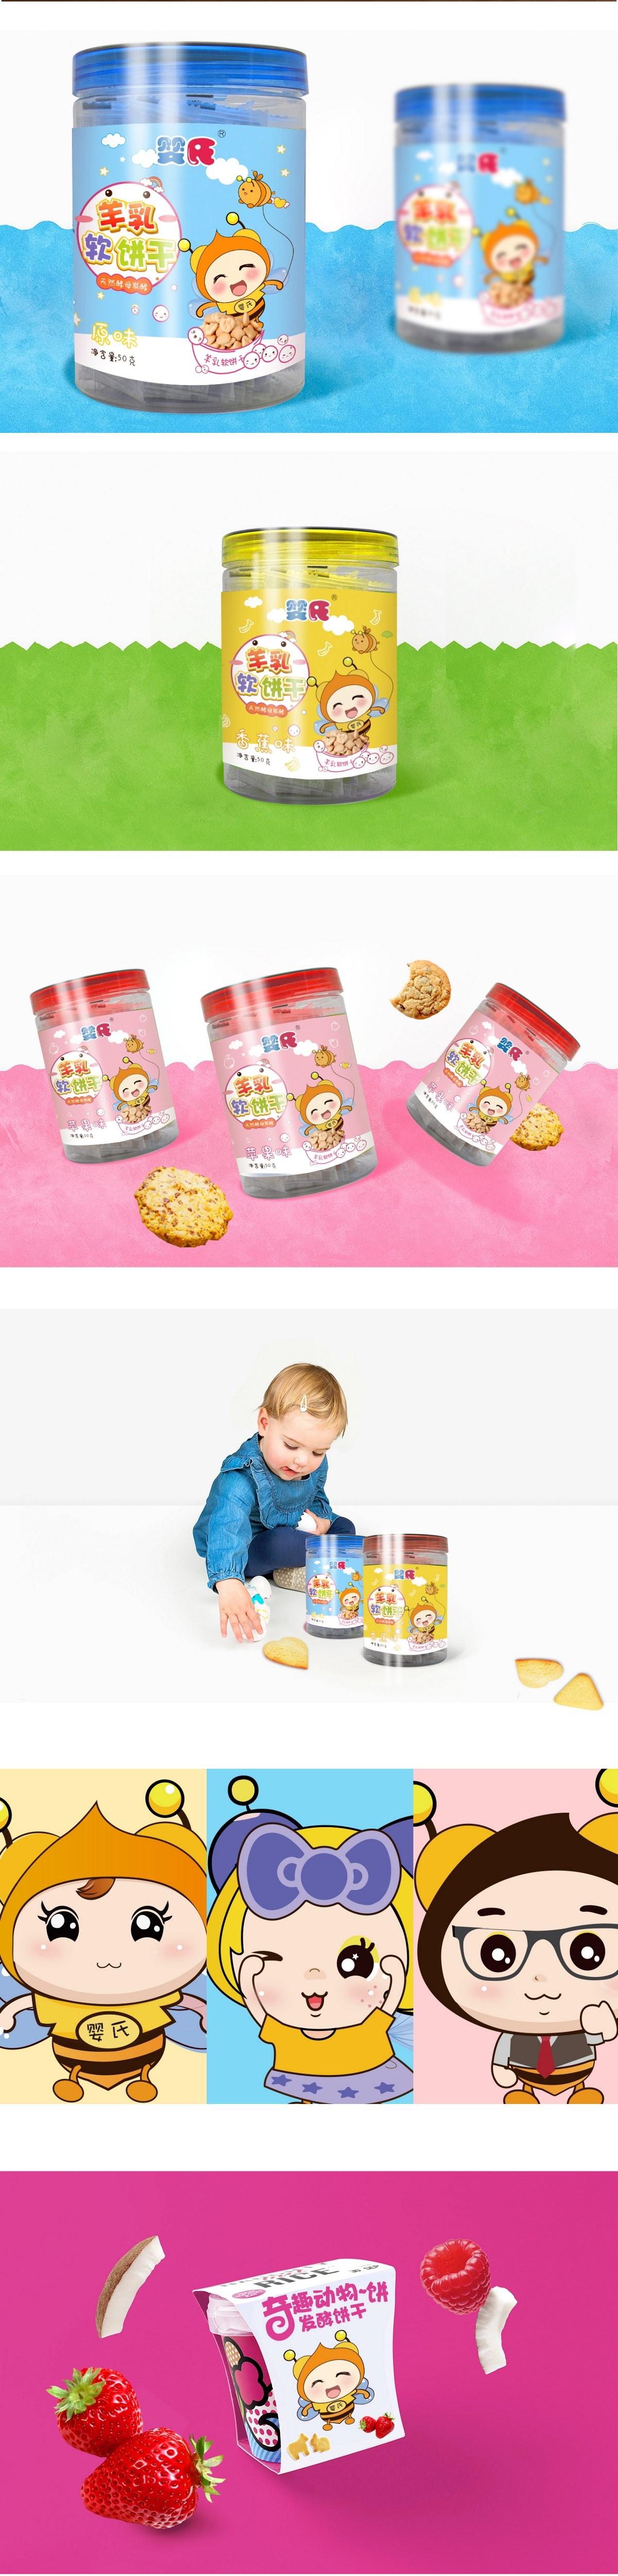 婴幼儿辅食品牌全案-差异化品牌IP故事粘性